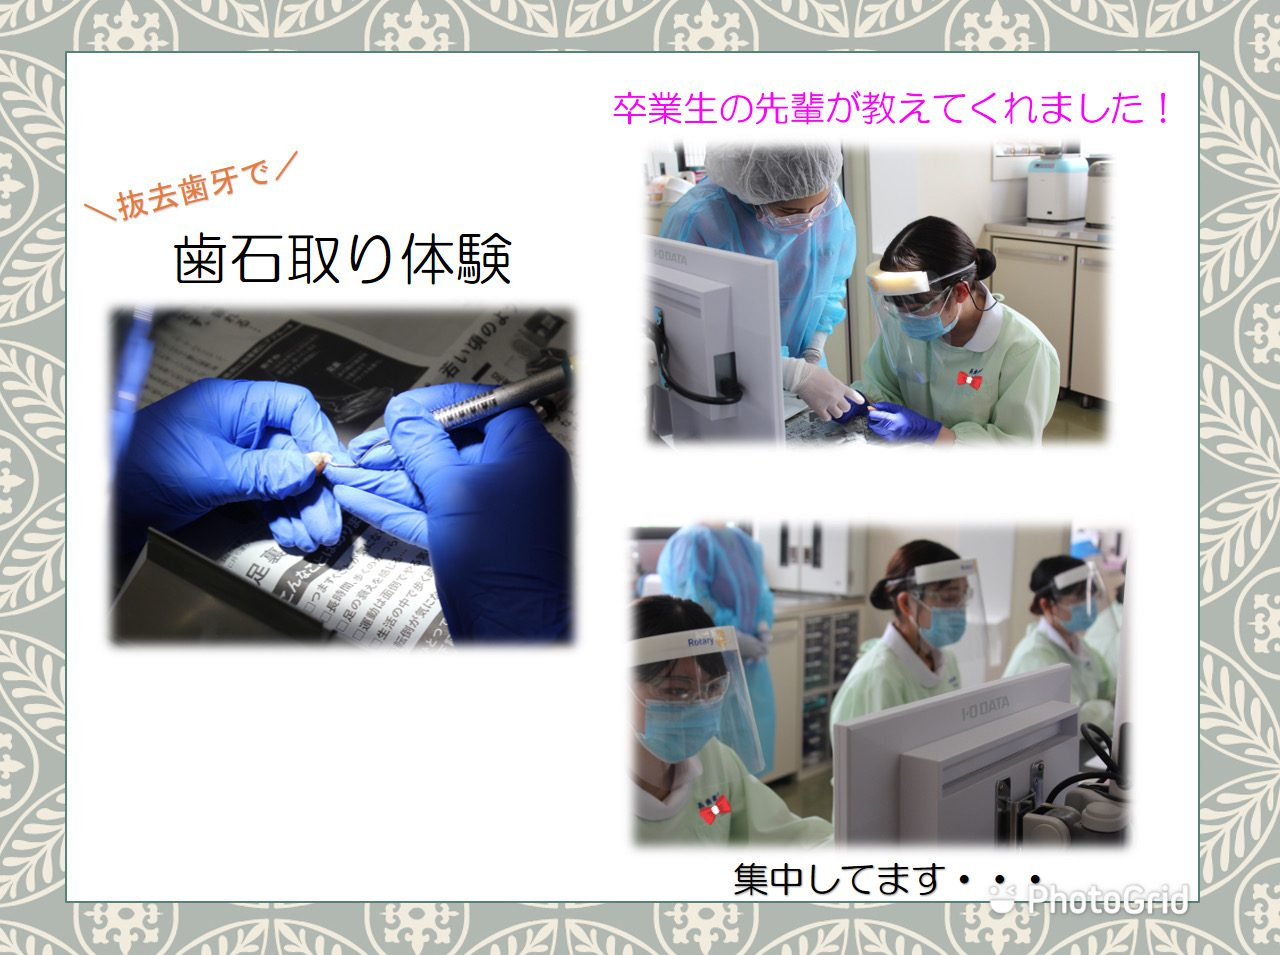 歯周治療学の実習でした